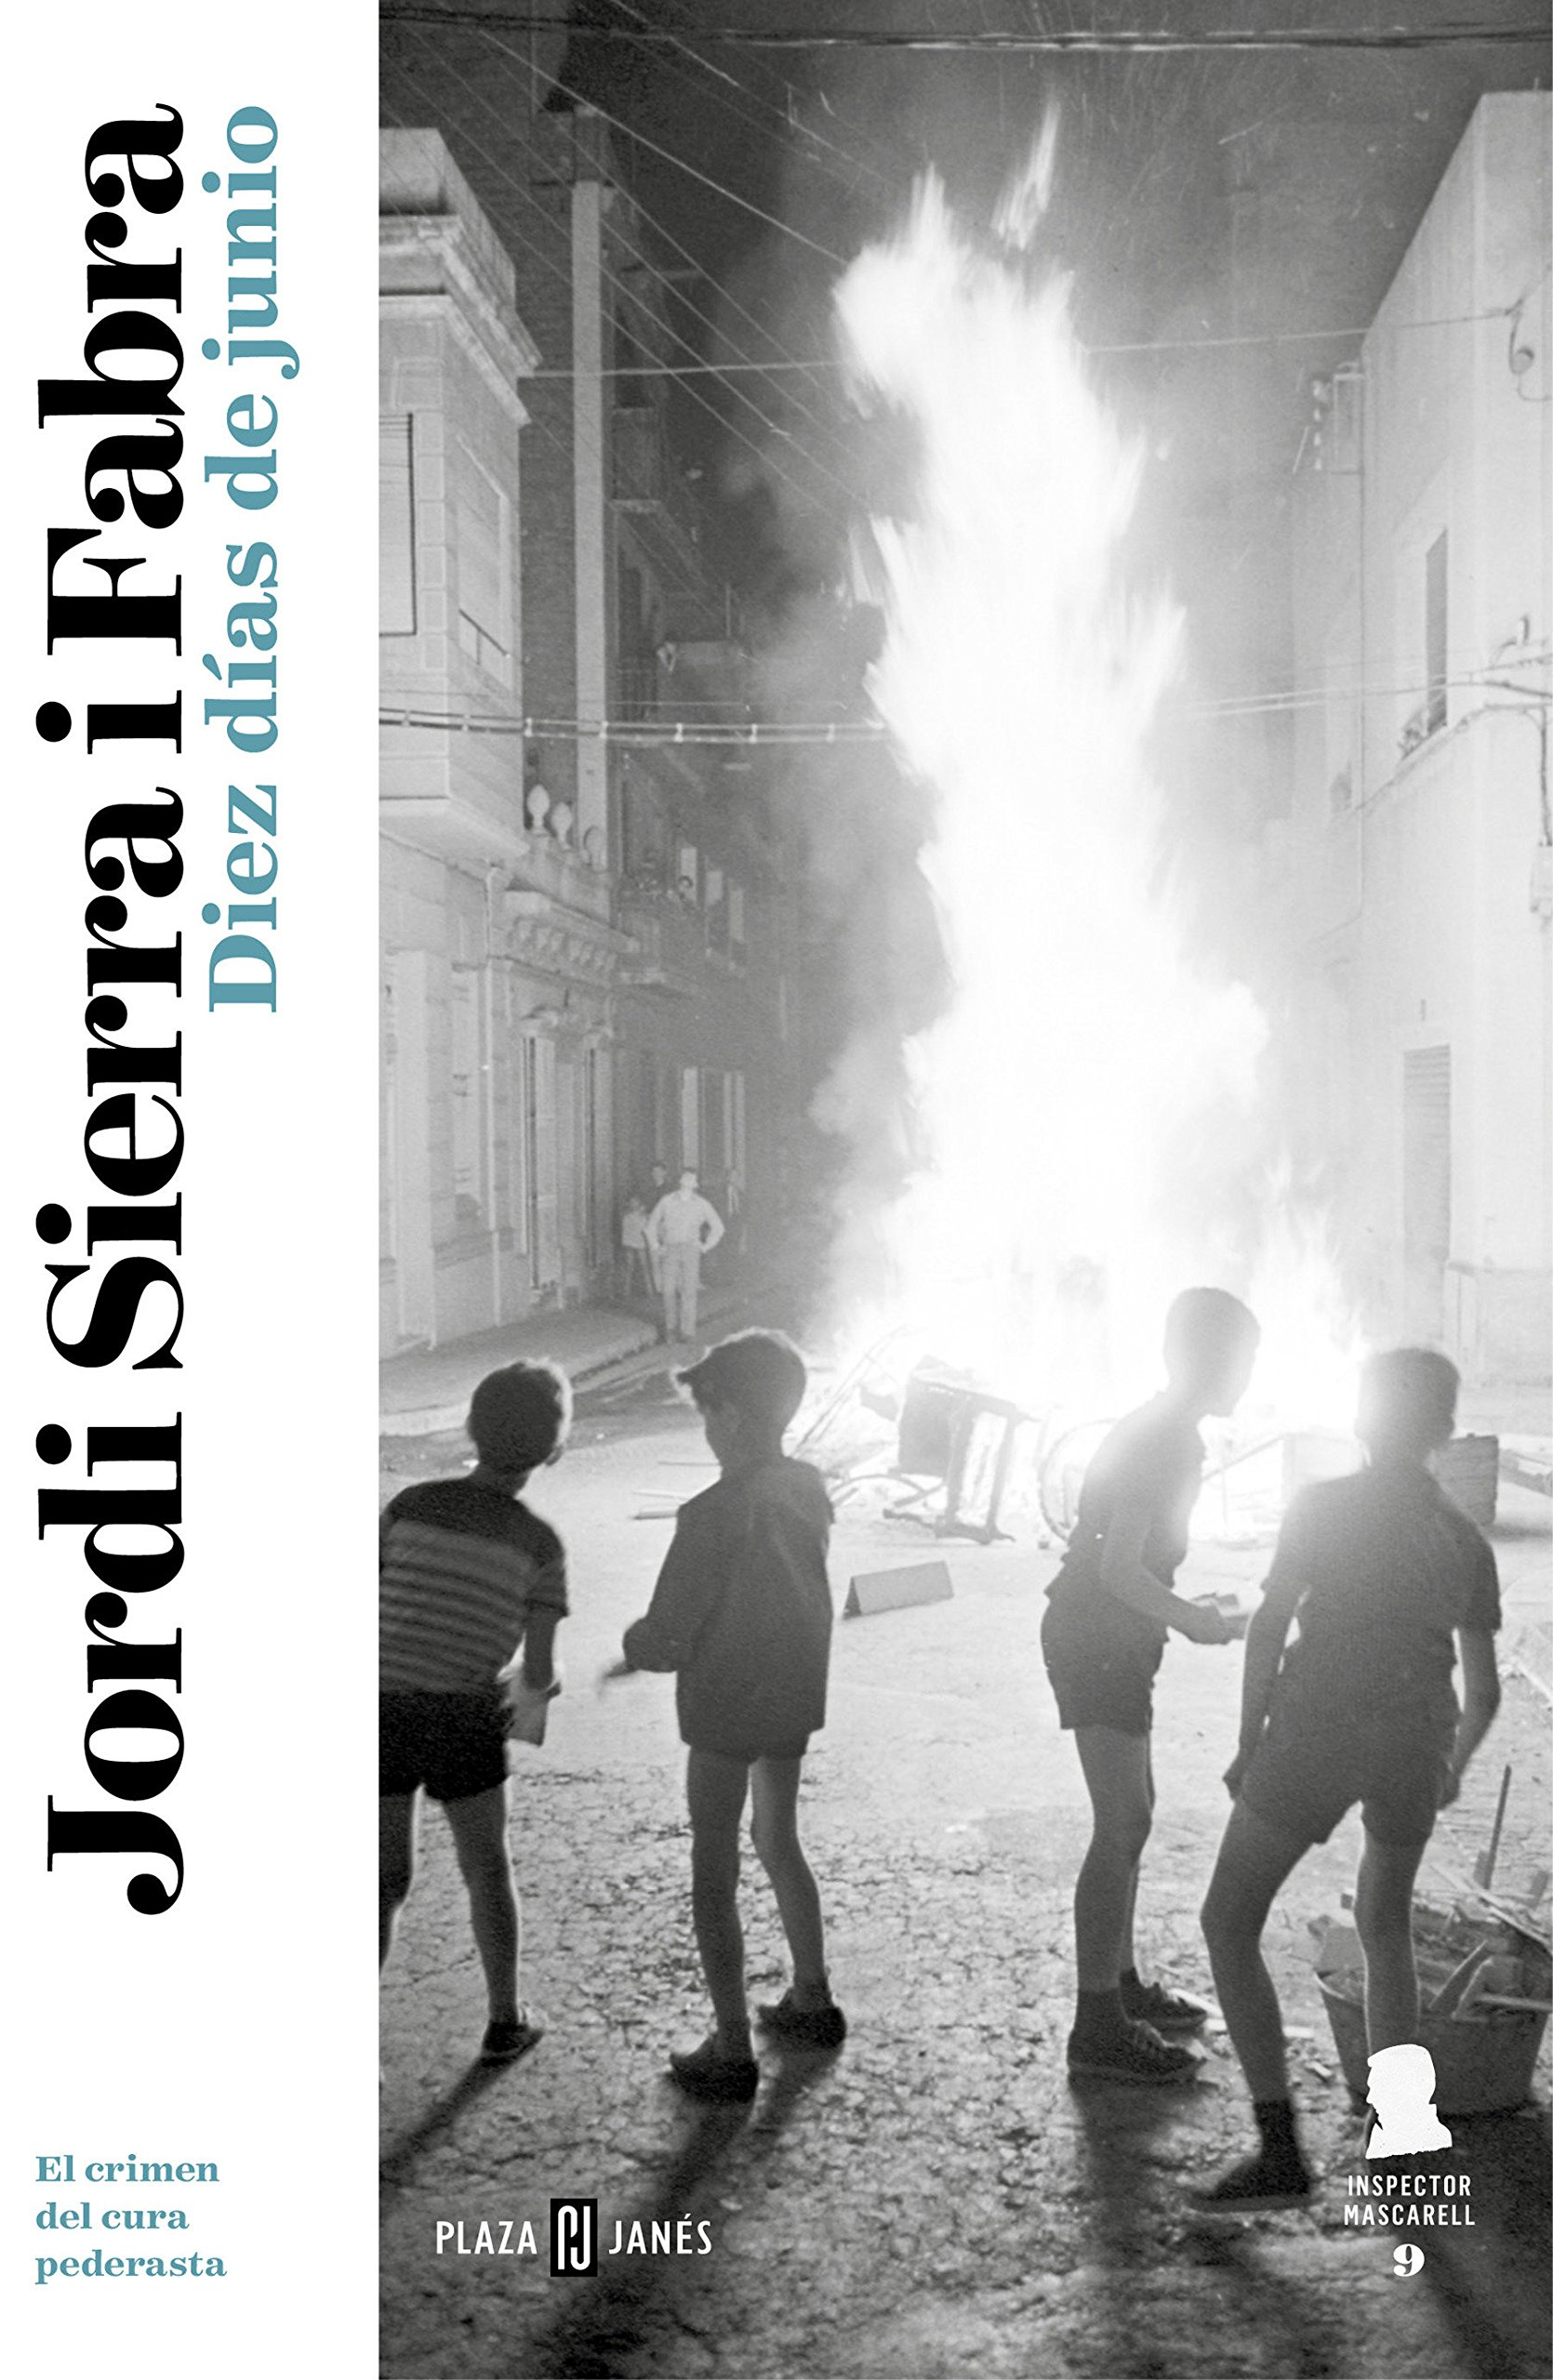 Diez días de junio (Inspector Mascarell 9): A la caza del pederasta del orfanato franquista (EXITOS) Tapa blanda – 5 abr 2018 Jordi Sierra i Fabra PLAZA & JANES 8401017939 Detective and mystery fiction